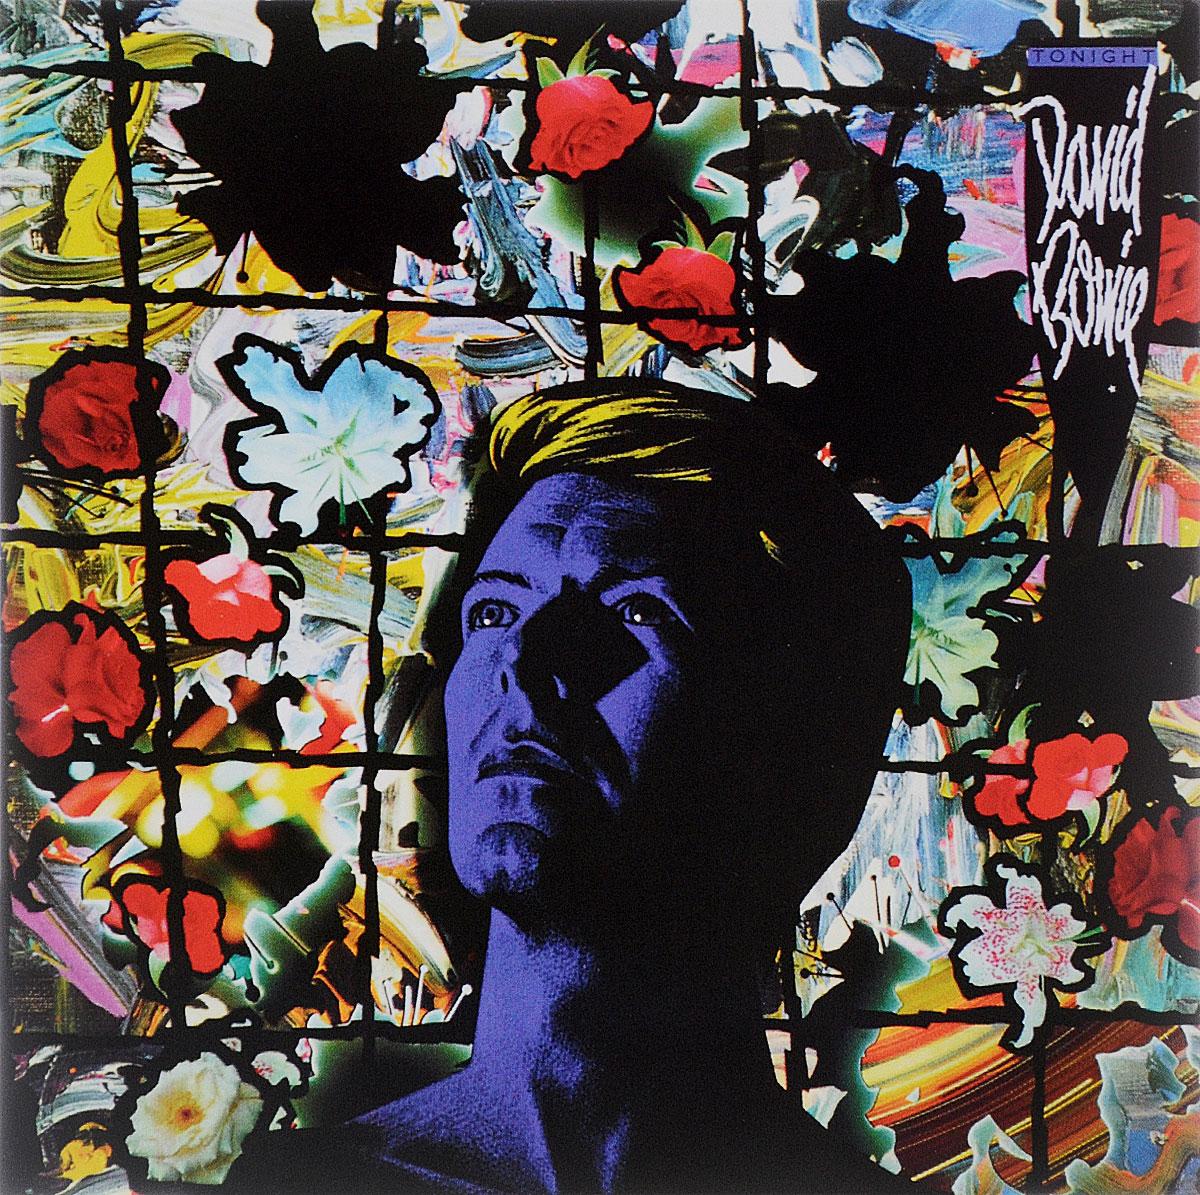 Дэвид Боуи David Bowie. Tonight david pogue classical music for dummies